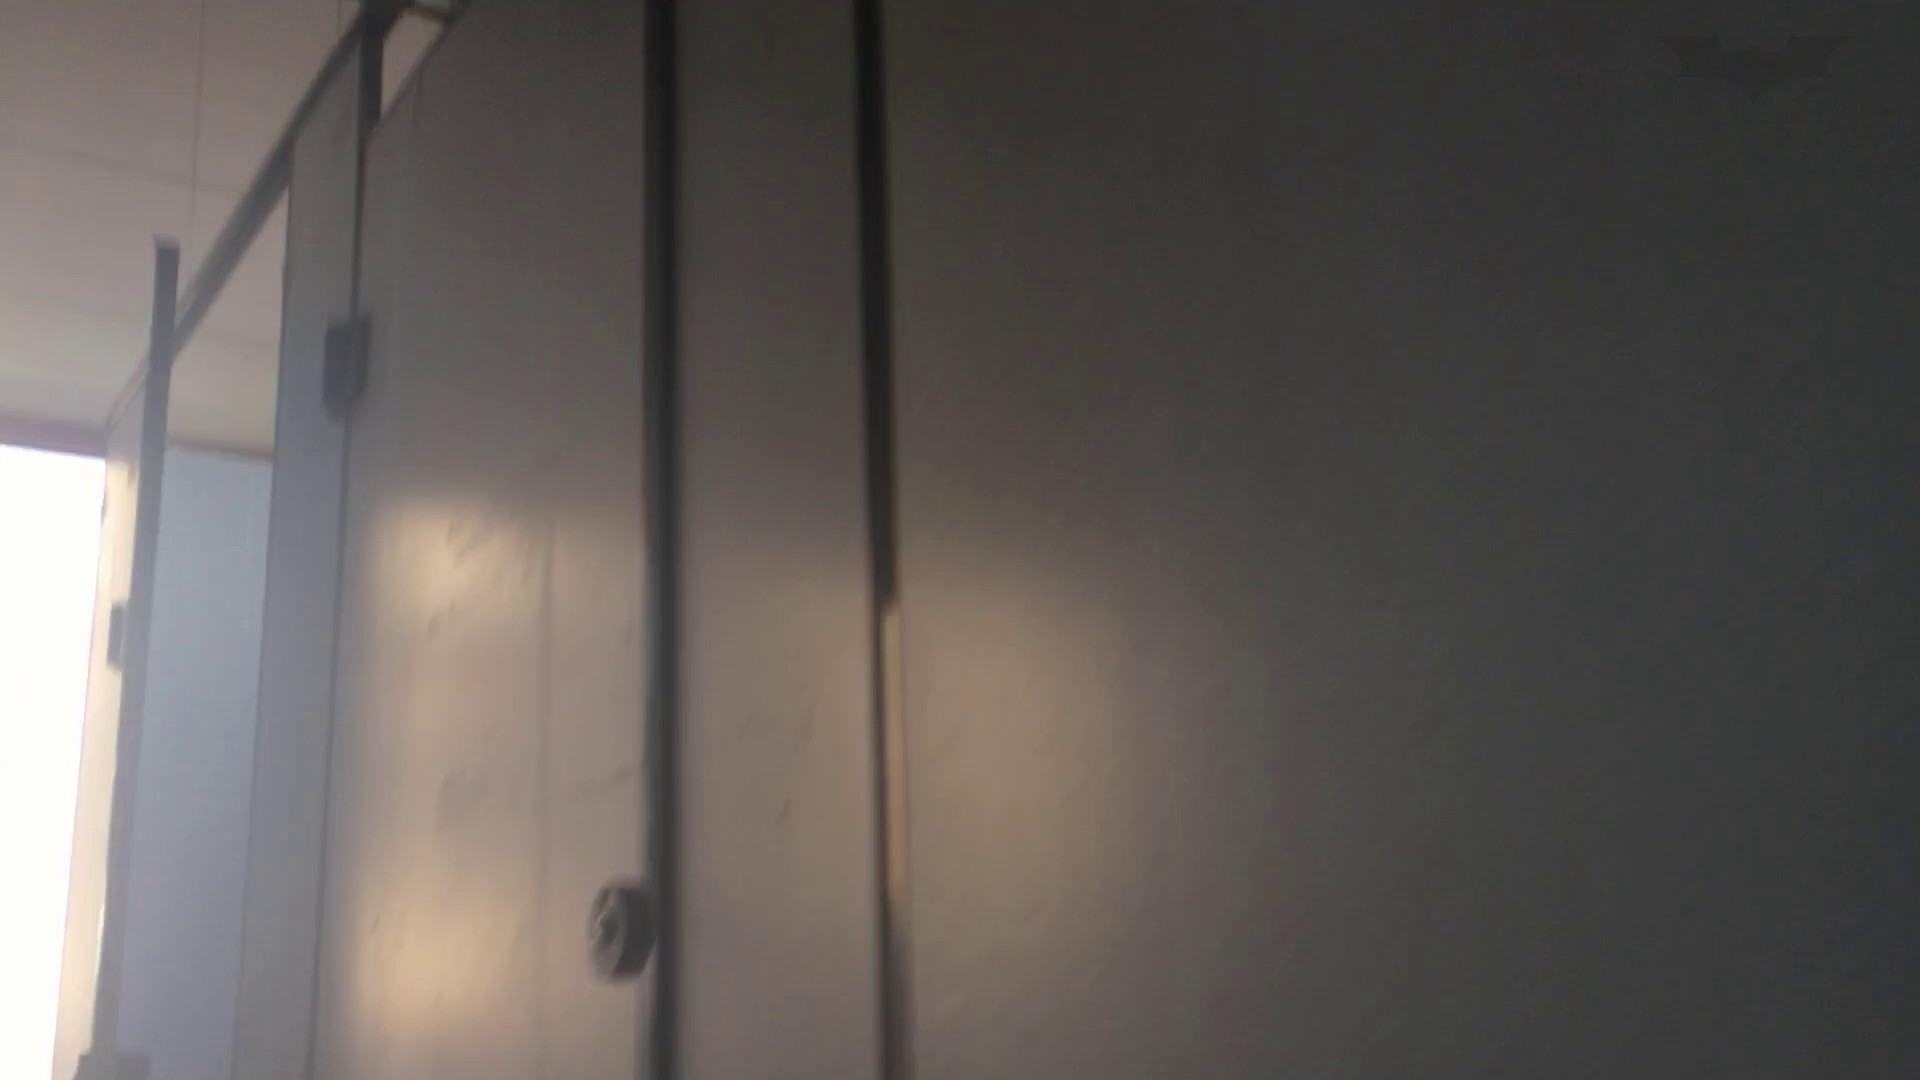 芸術大学ガチ潜入盗撮 JD盗撮 美女の洗面所の秘密 Vol.81 OLの実態 盗み撮りオマンコ動画キャプチャ 83pic 62